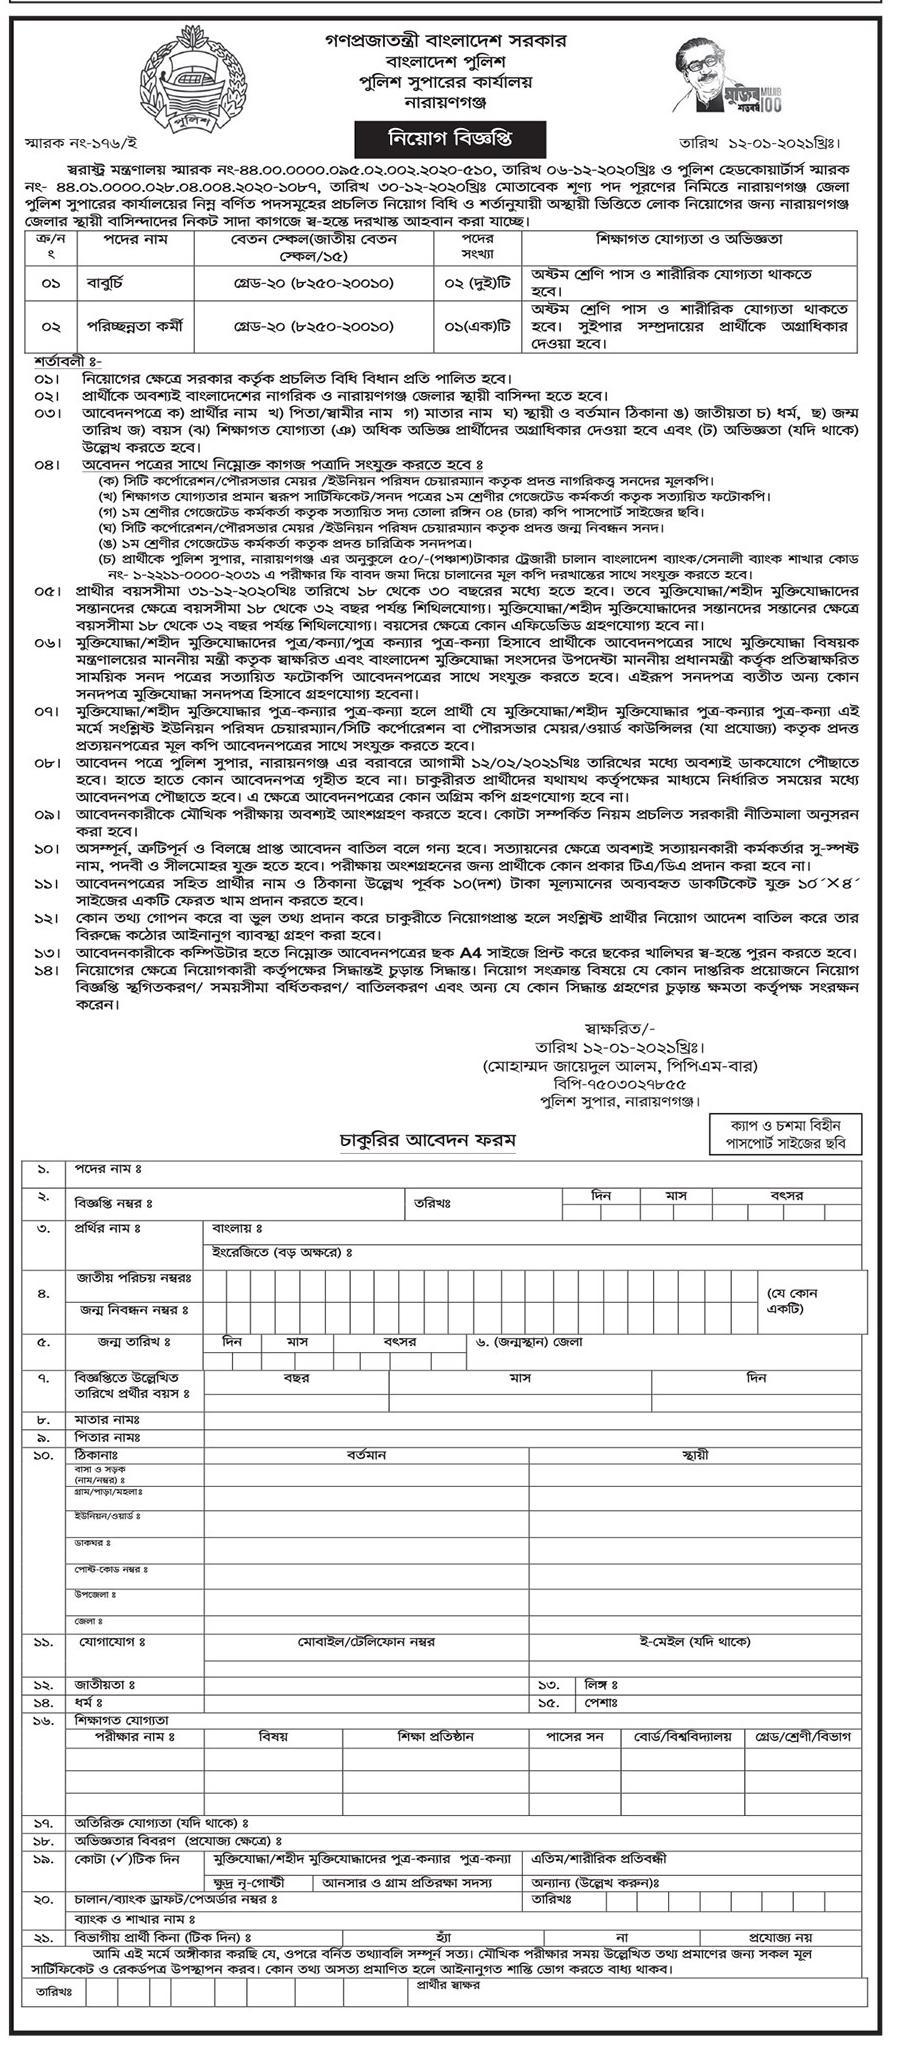 Narayanganj Police Super office Job Circular 2021